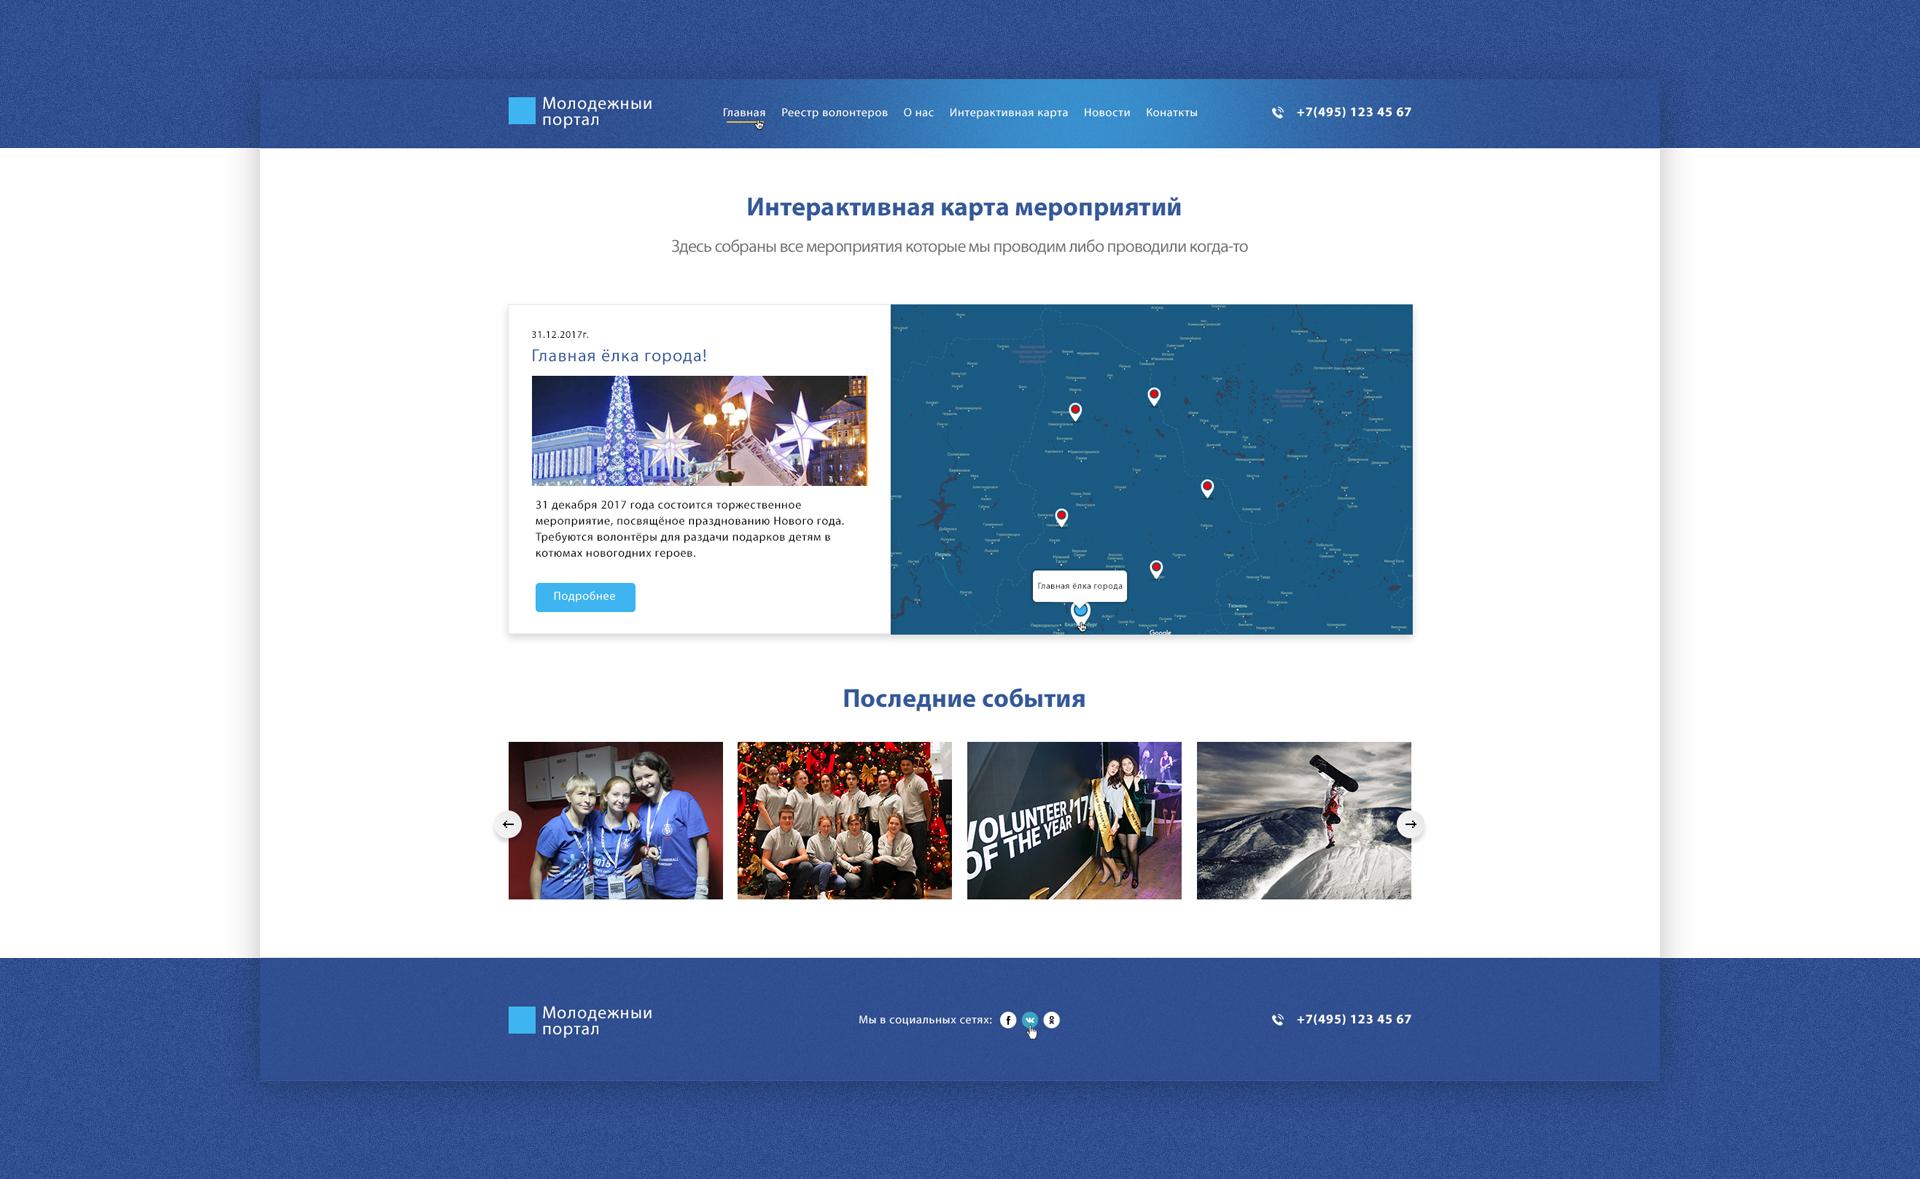 Разработка дизайн-концепции 2 страниц сайта фото f_3555a4352198c740.jpg